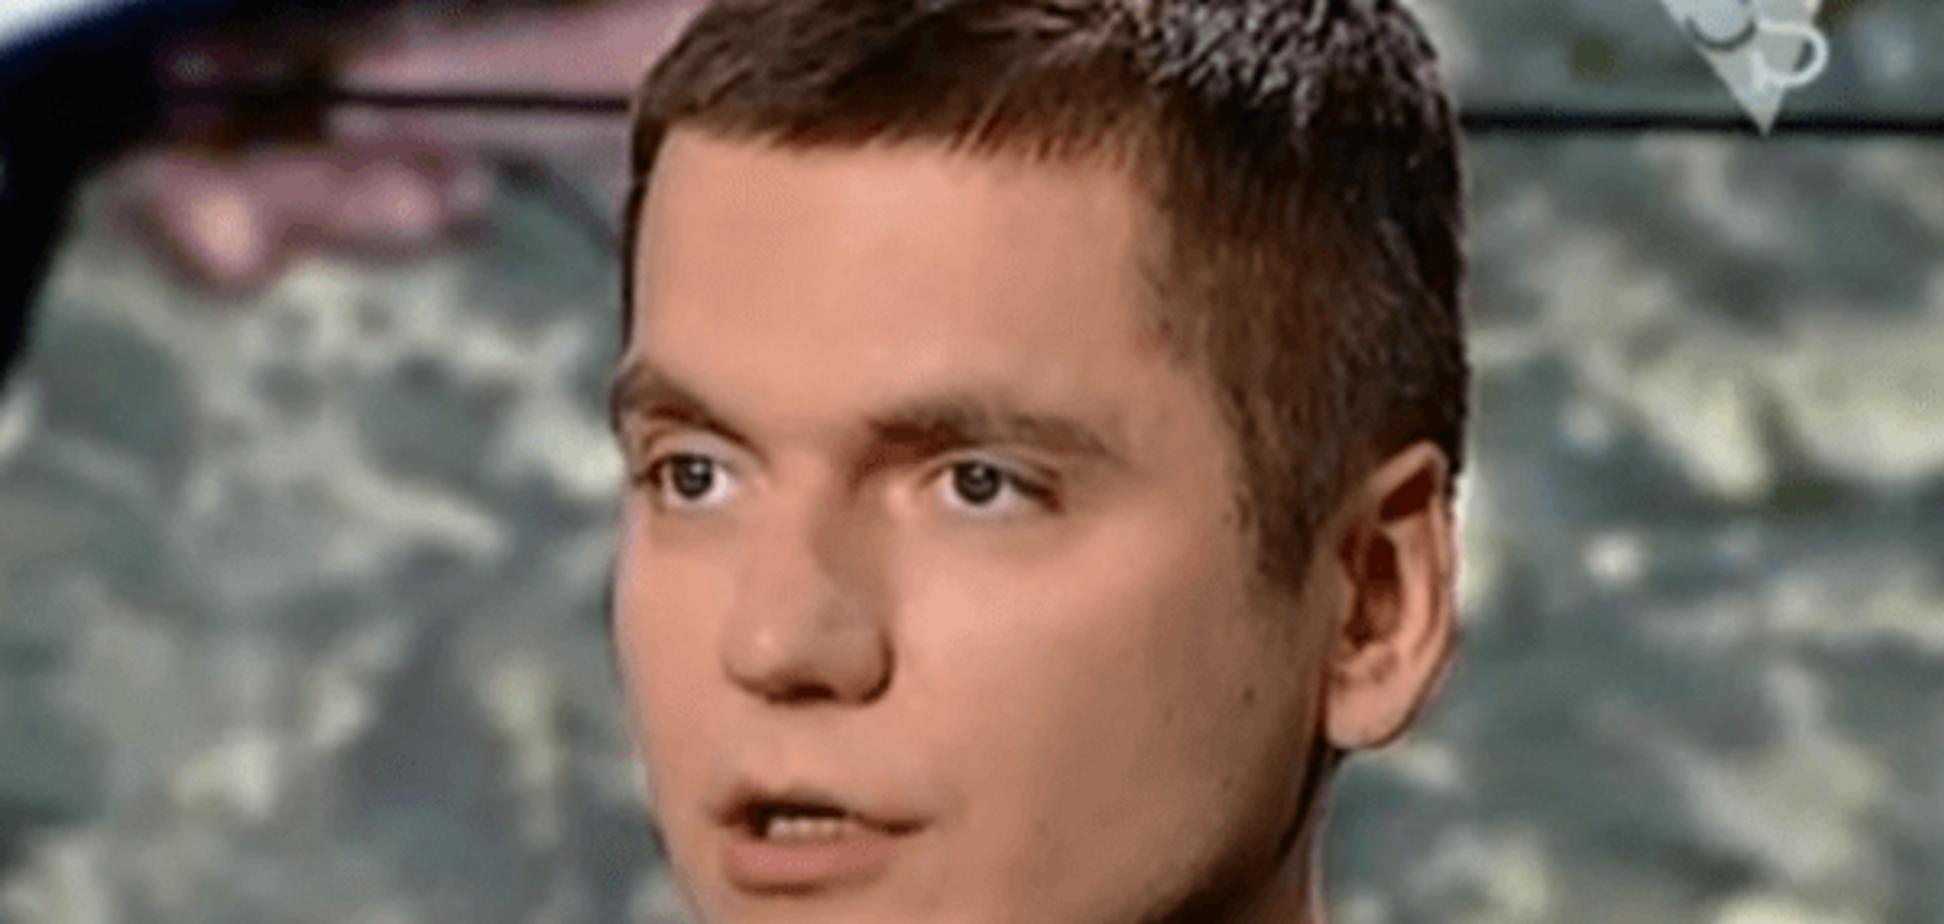 Віталій Дейнега розповів про майбутнє волонтерського руху в Україні